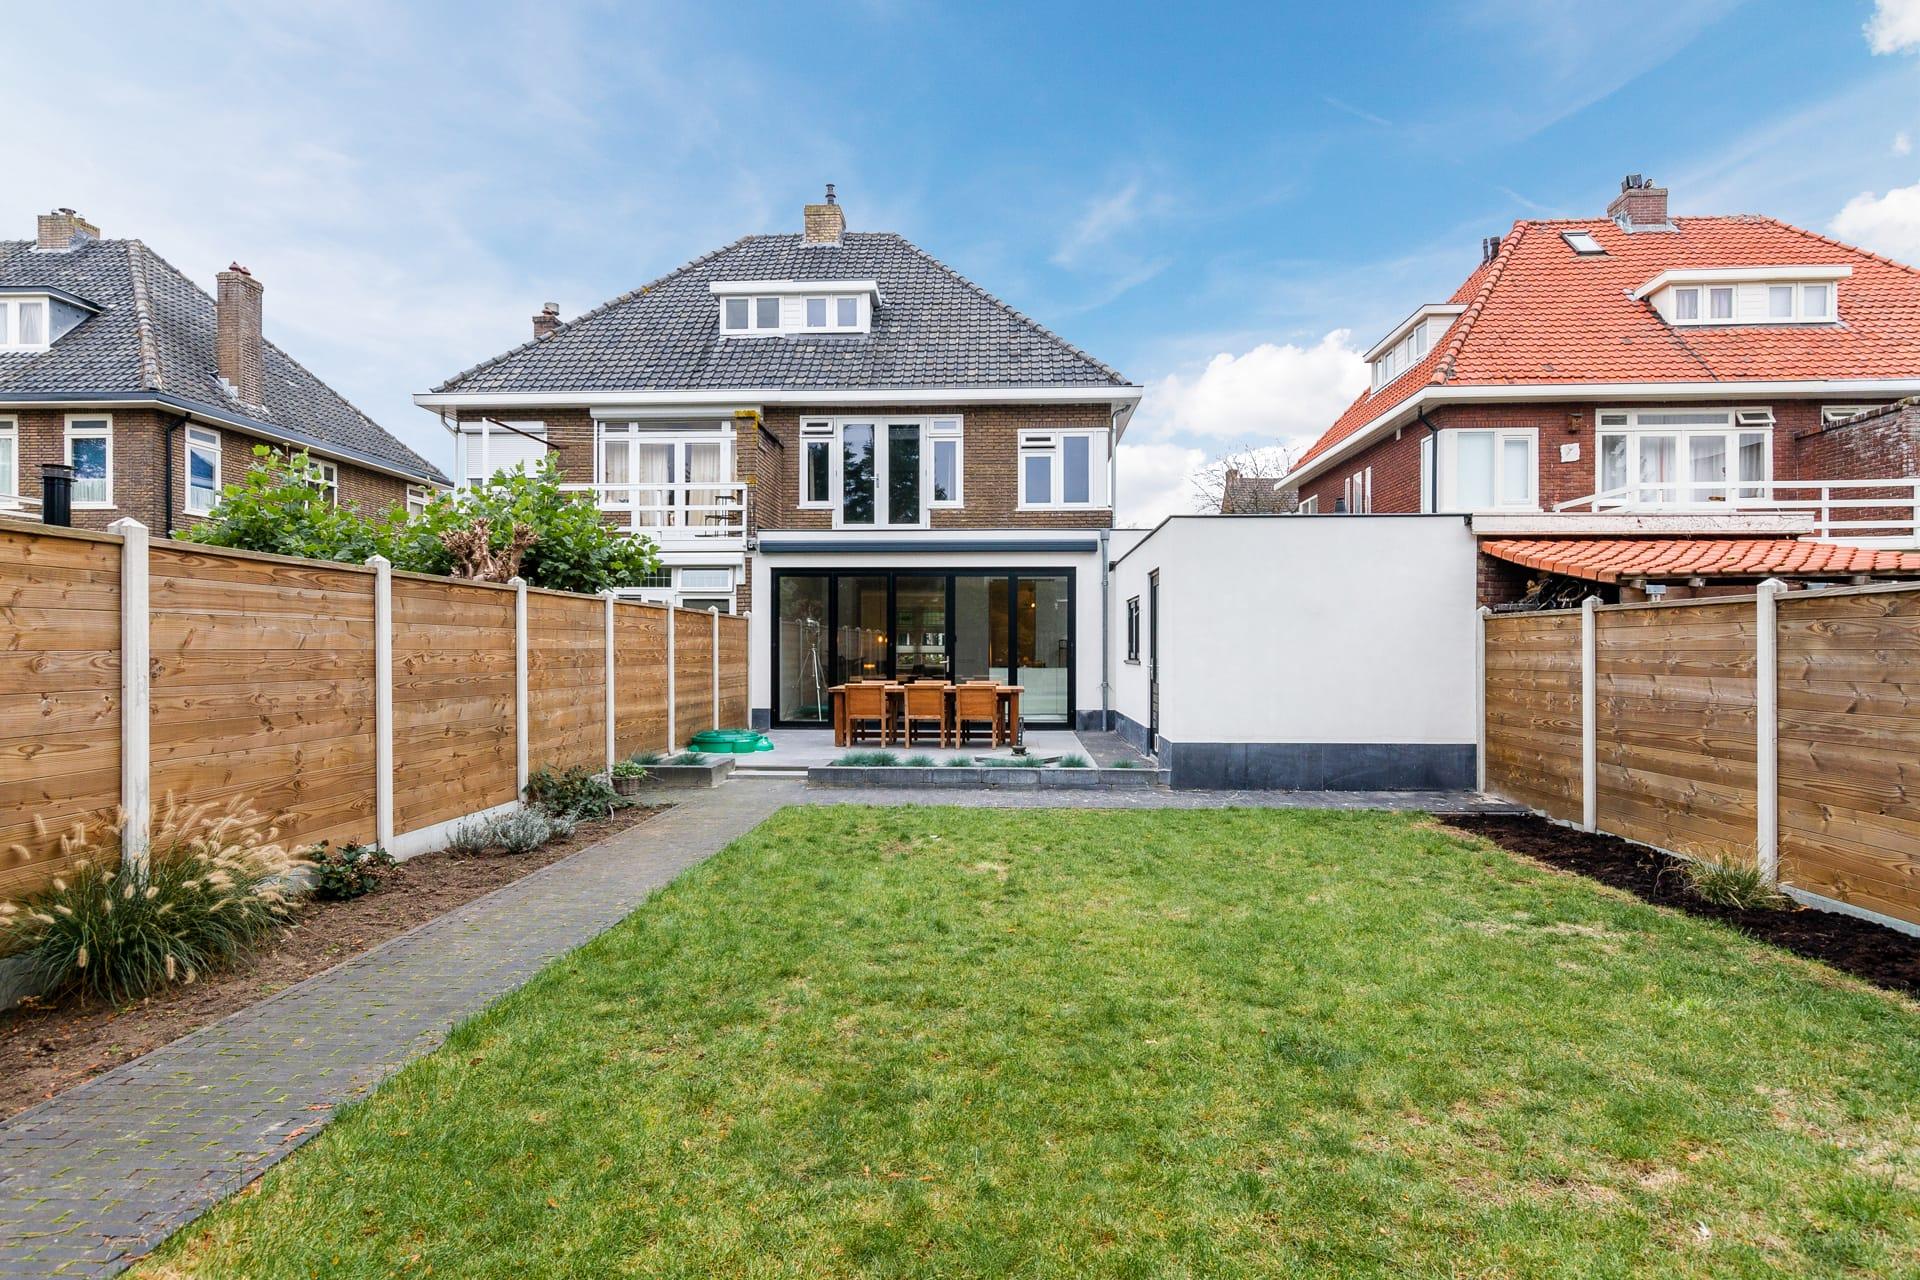 van-Os-architecten-verbouwing-2-onder-1-kapper-Valkenierslaan-Breda-achtergevel-met-aluminium-vouwschuifpui